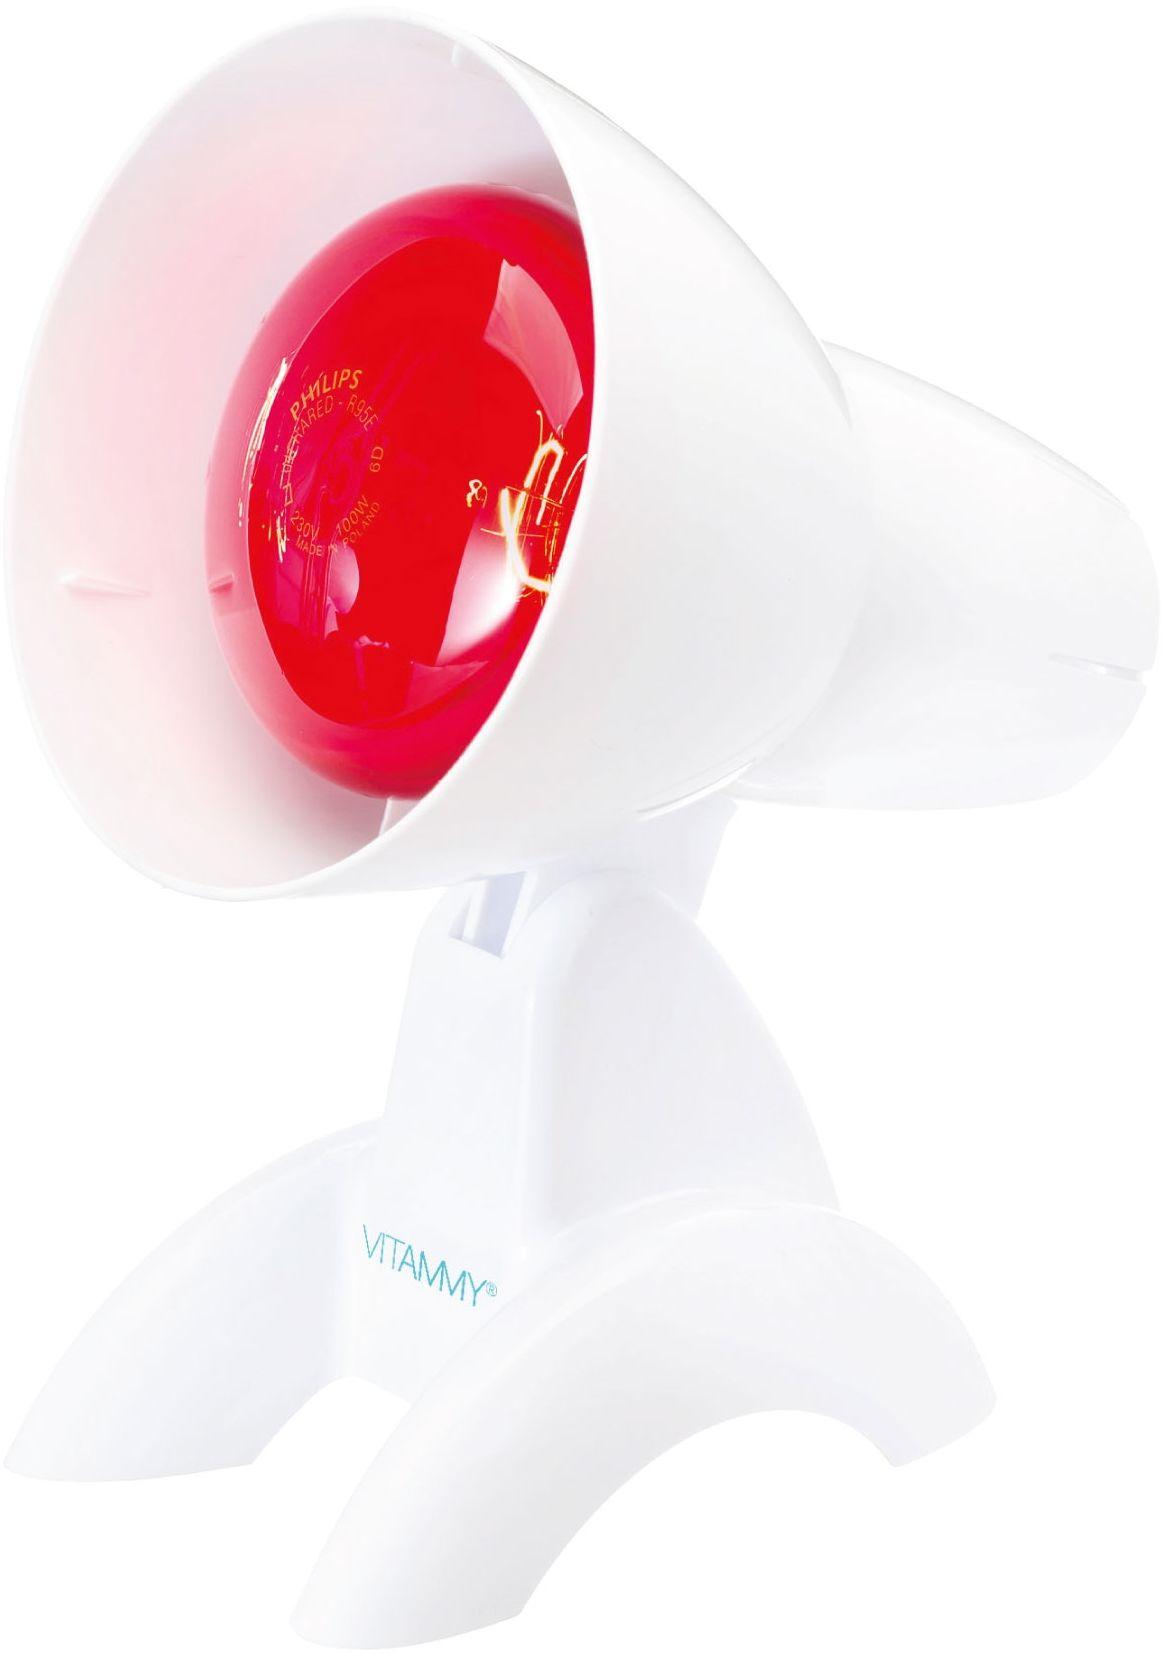 VITAMMY Flare 100 W Lampa rozgrzewająca na podczerwień